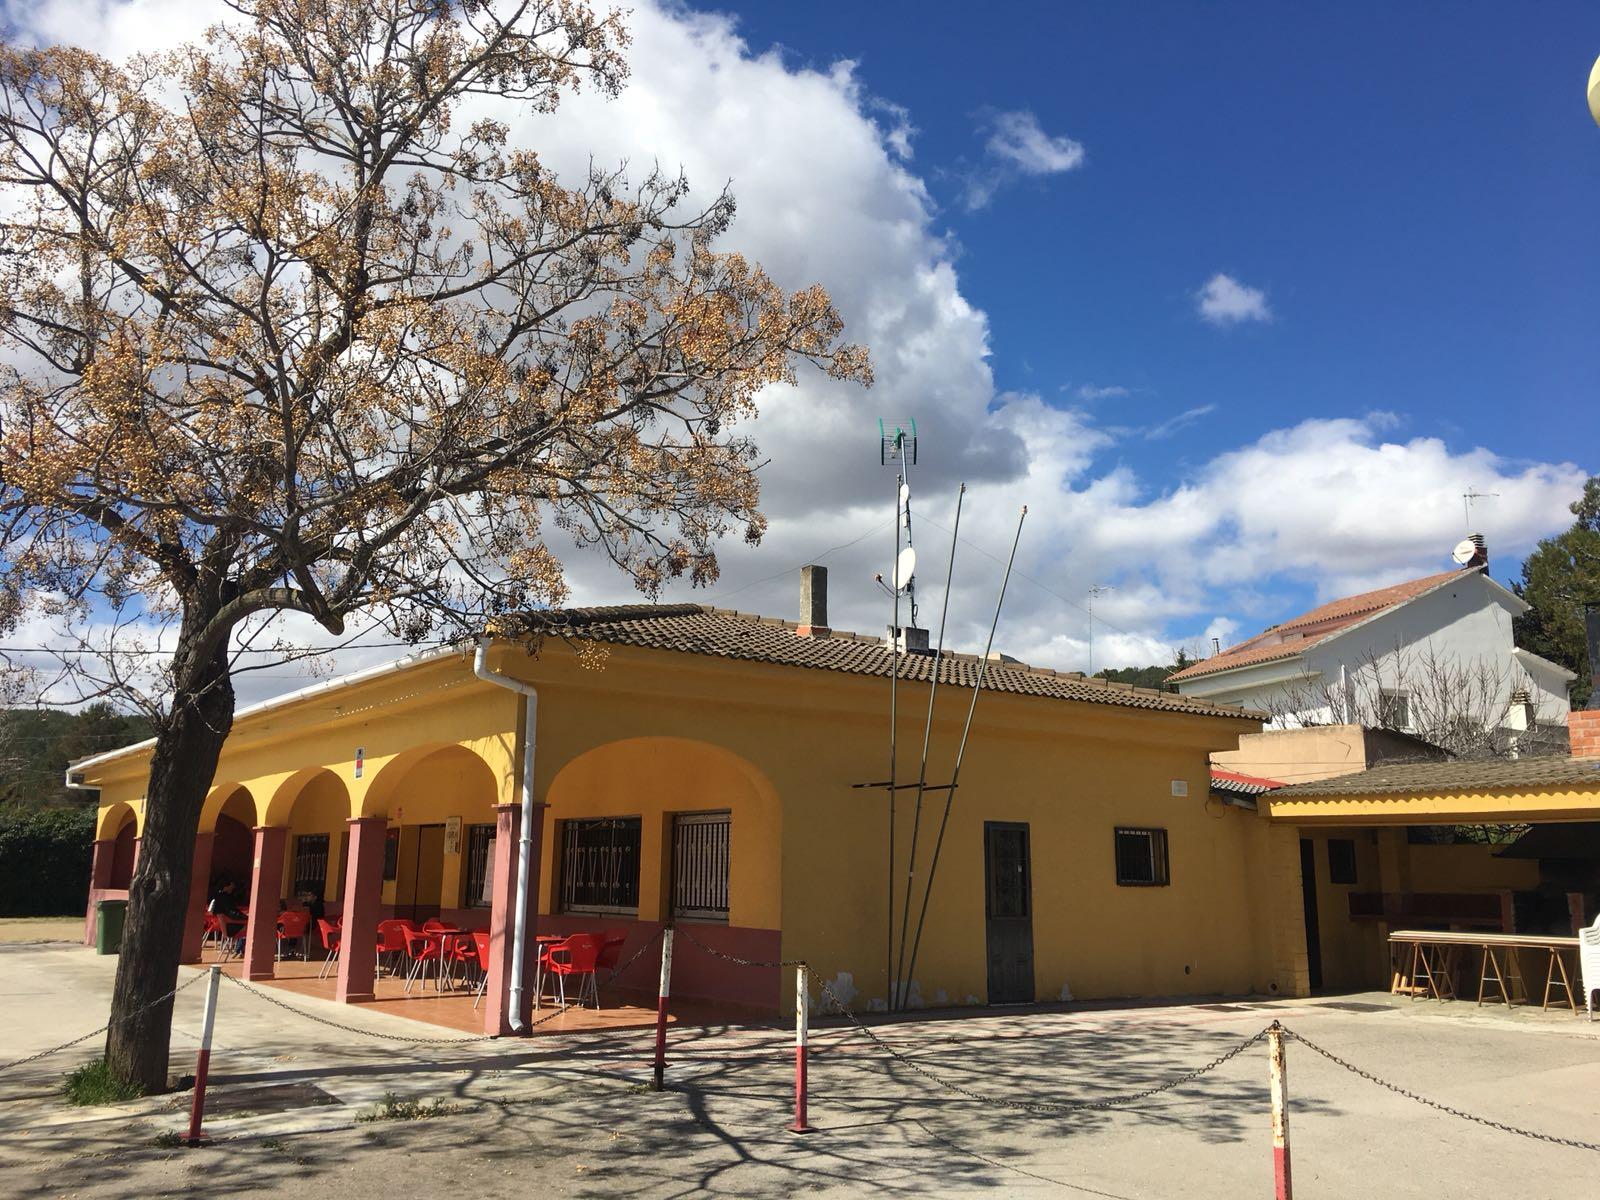 L'Ajuntament aprova un contracte per arranjar un mur de la parcel·la del local social de l'Esplai que està malmès